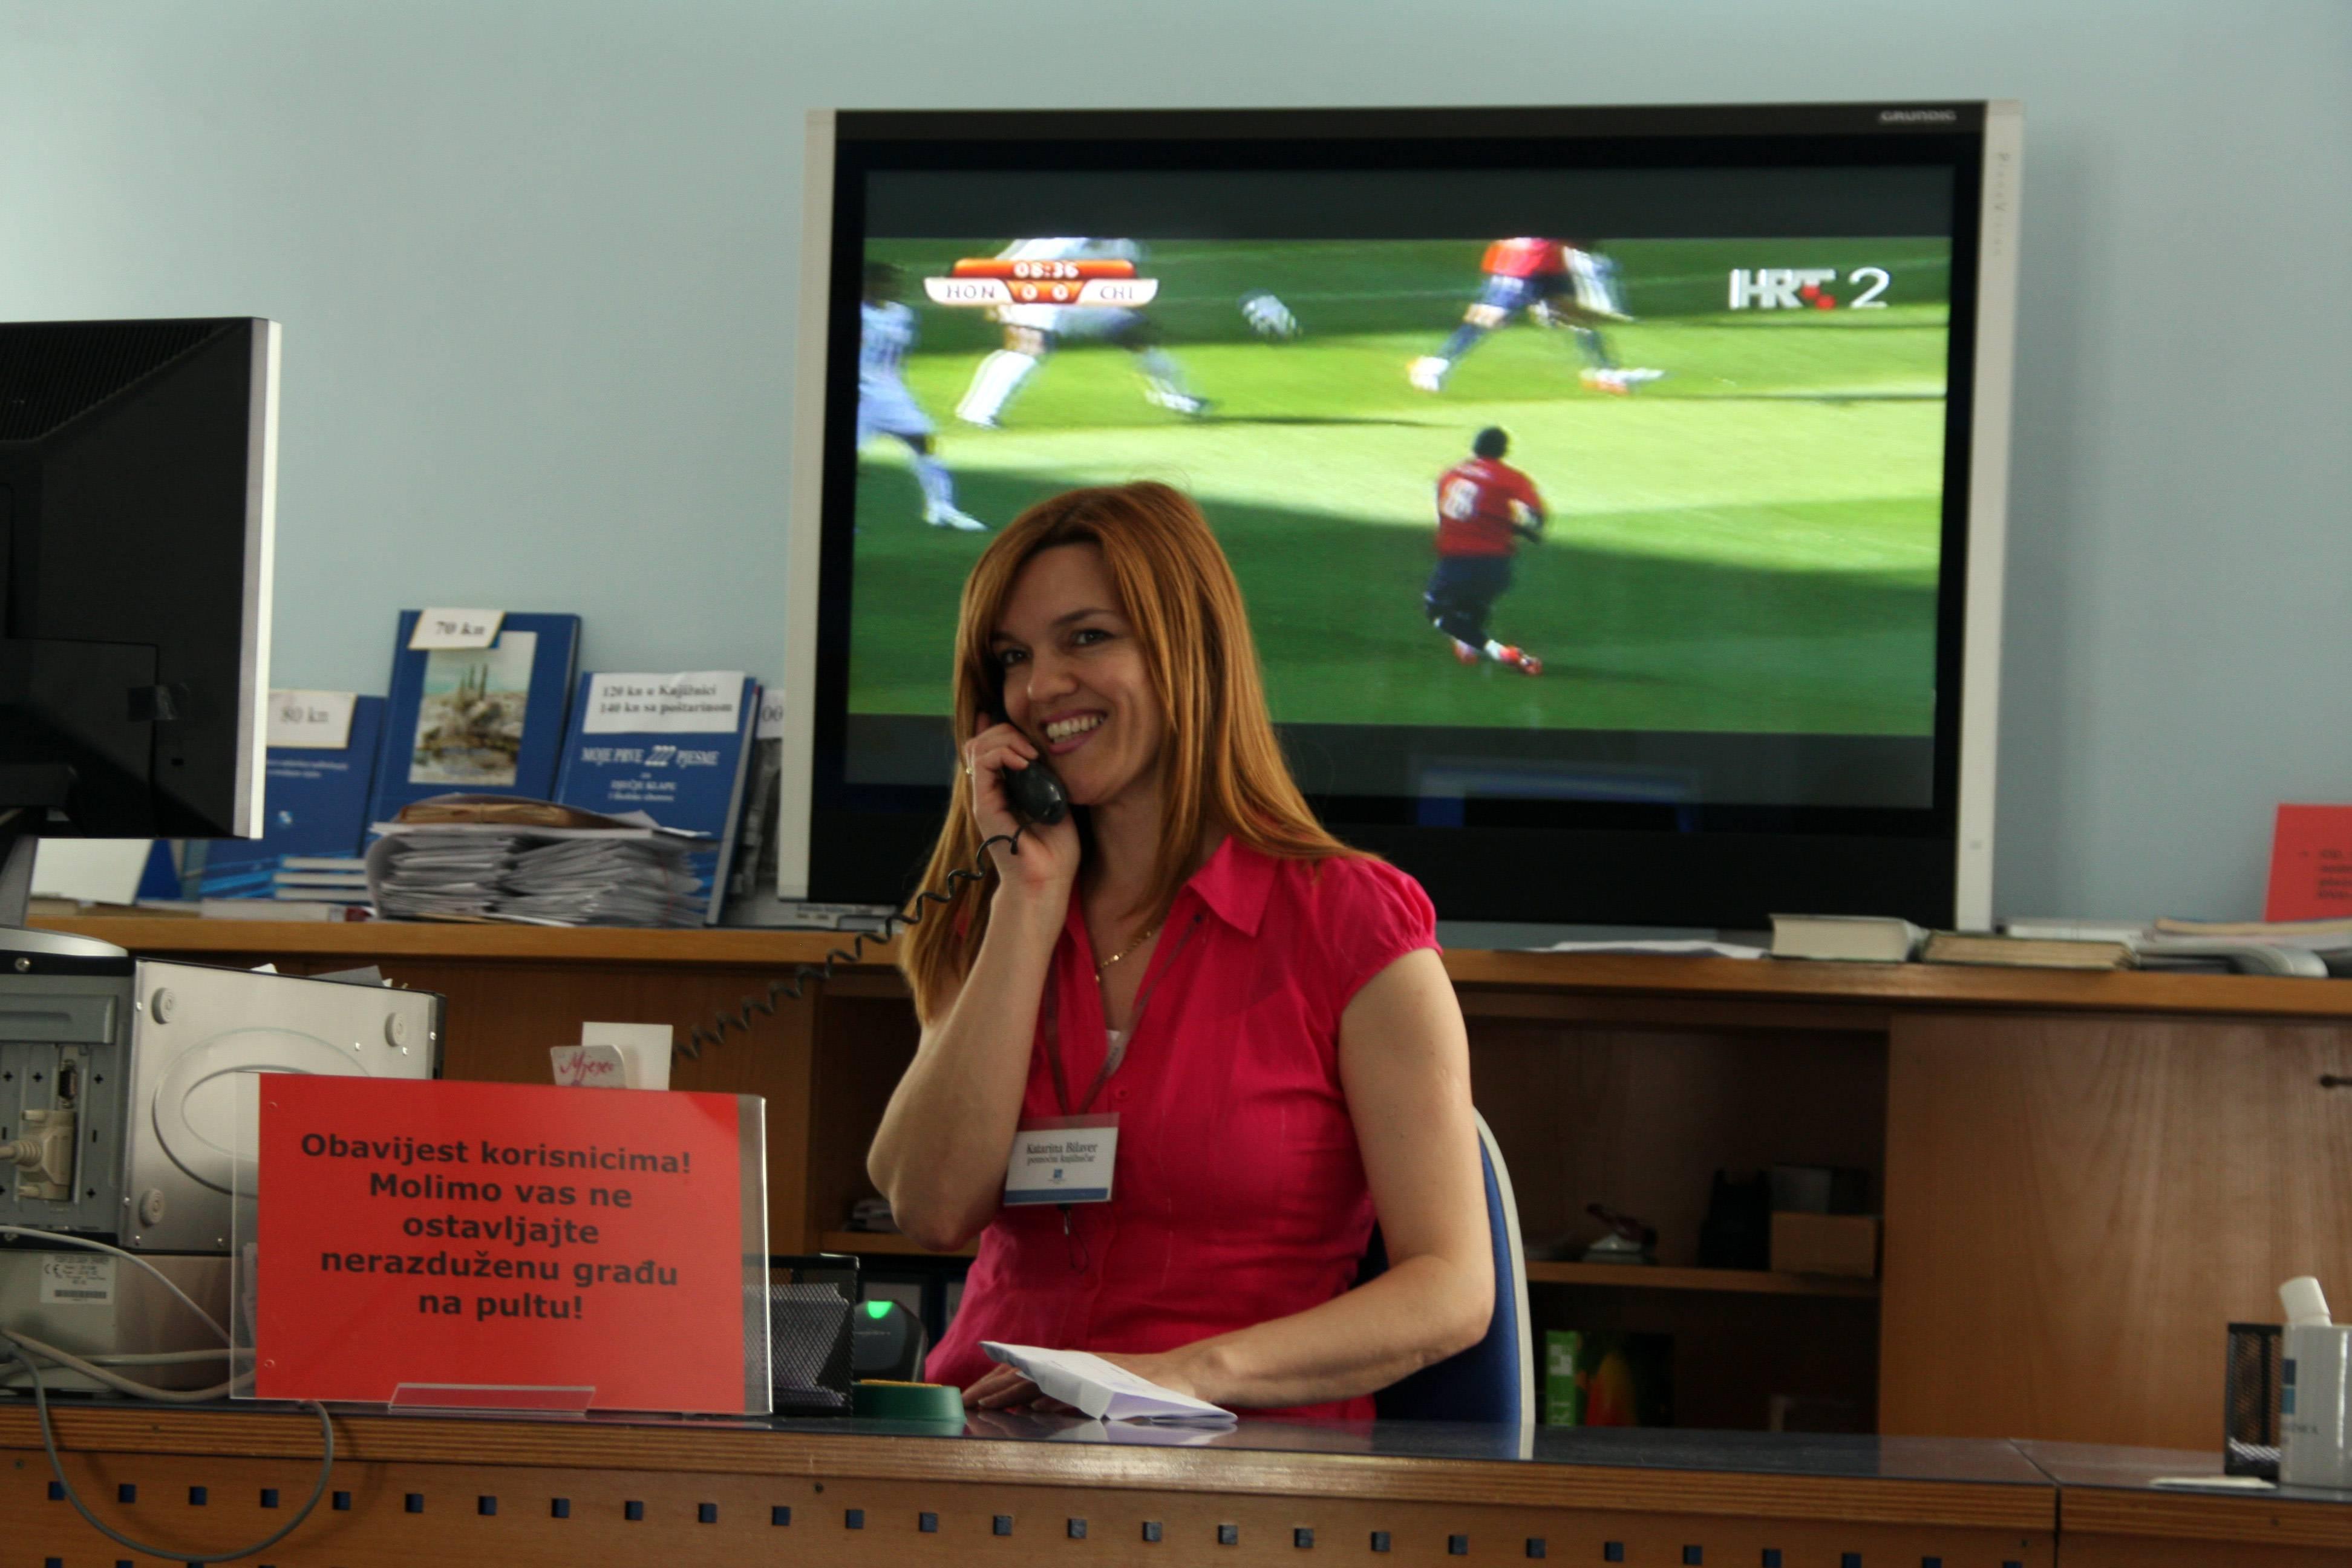 Pult Knjižnice tijekom Svjetskog prvenstva u nogometu 2010.